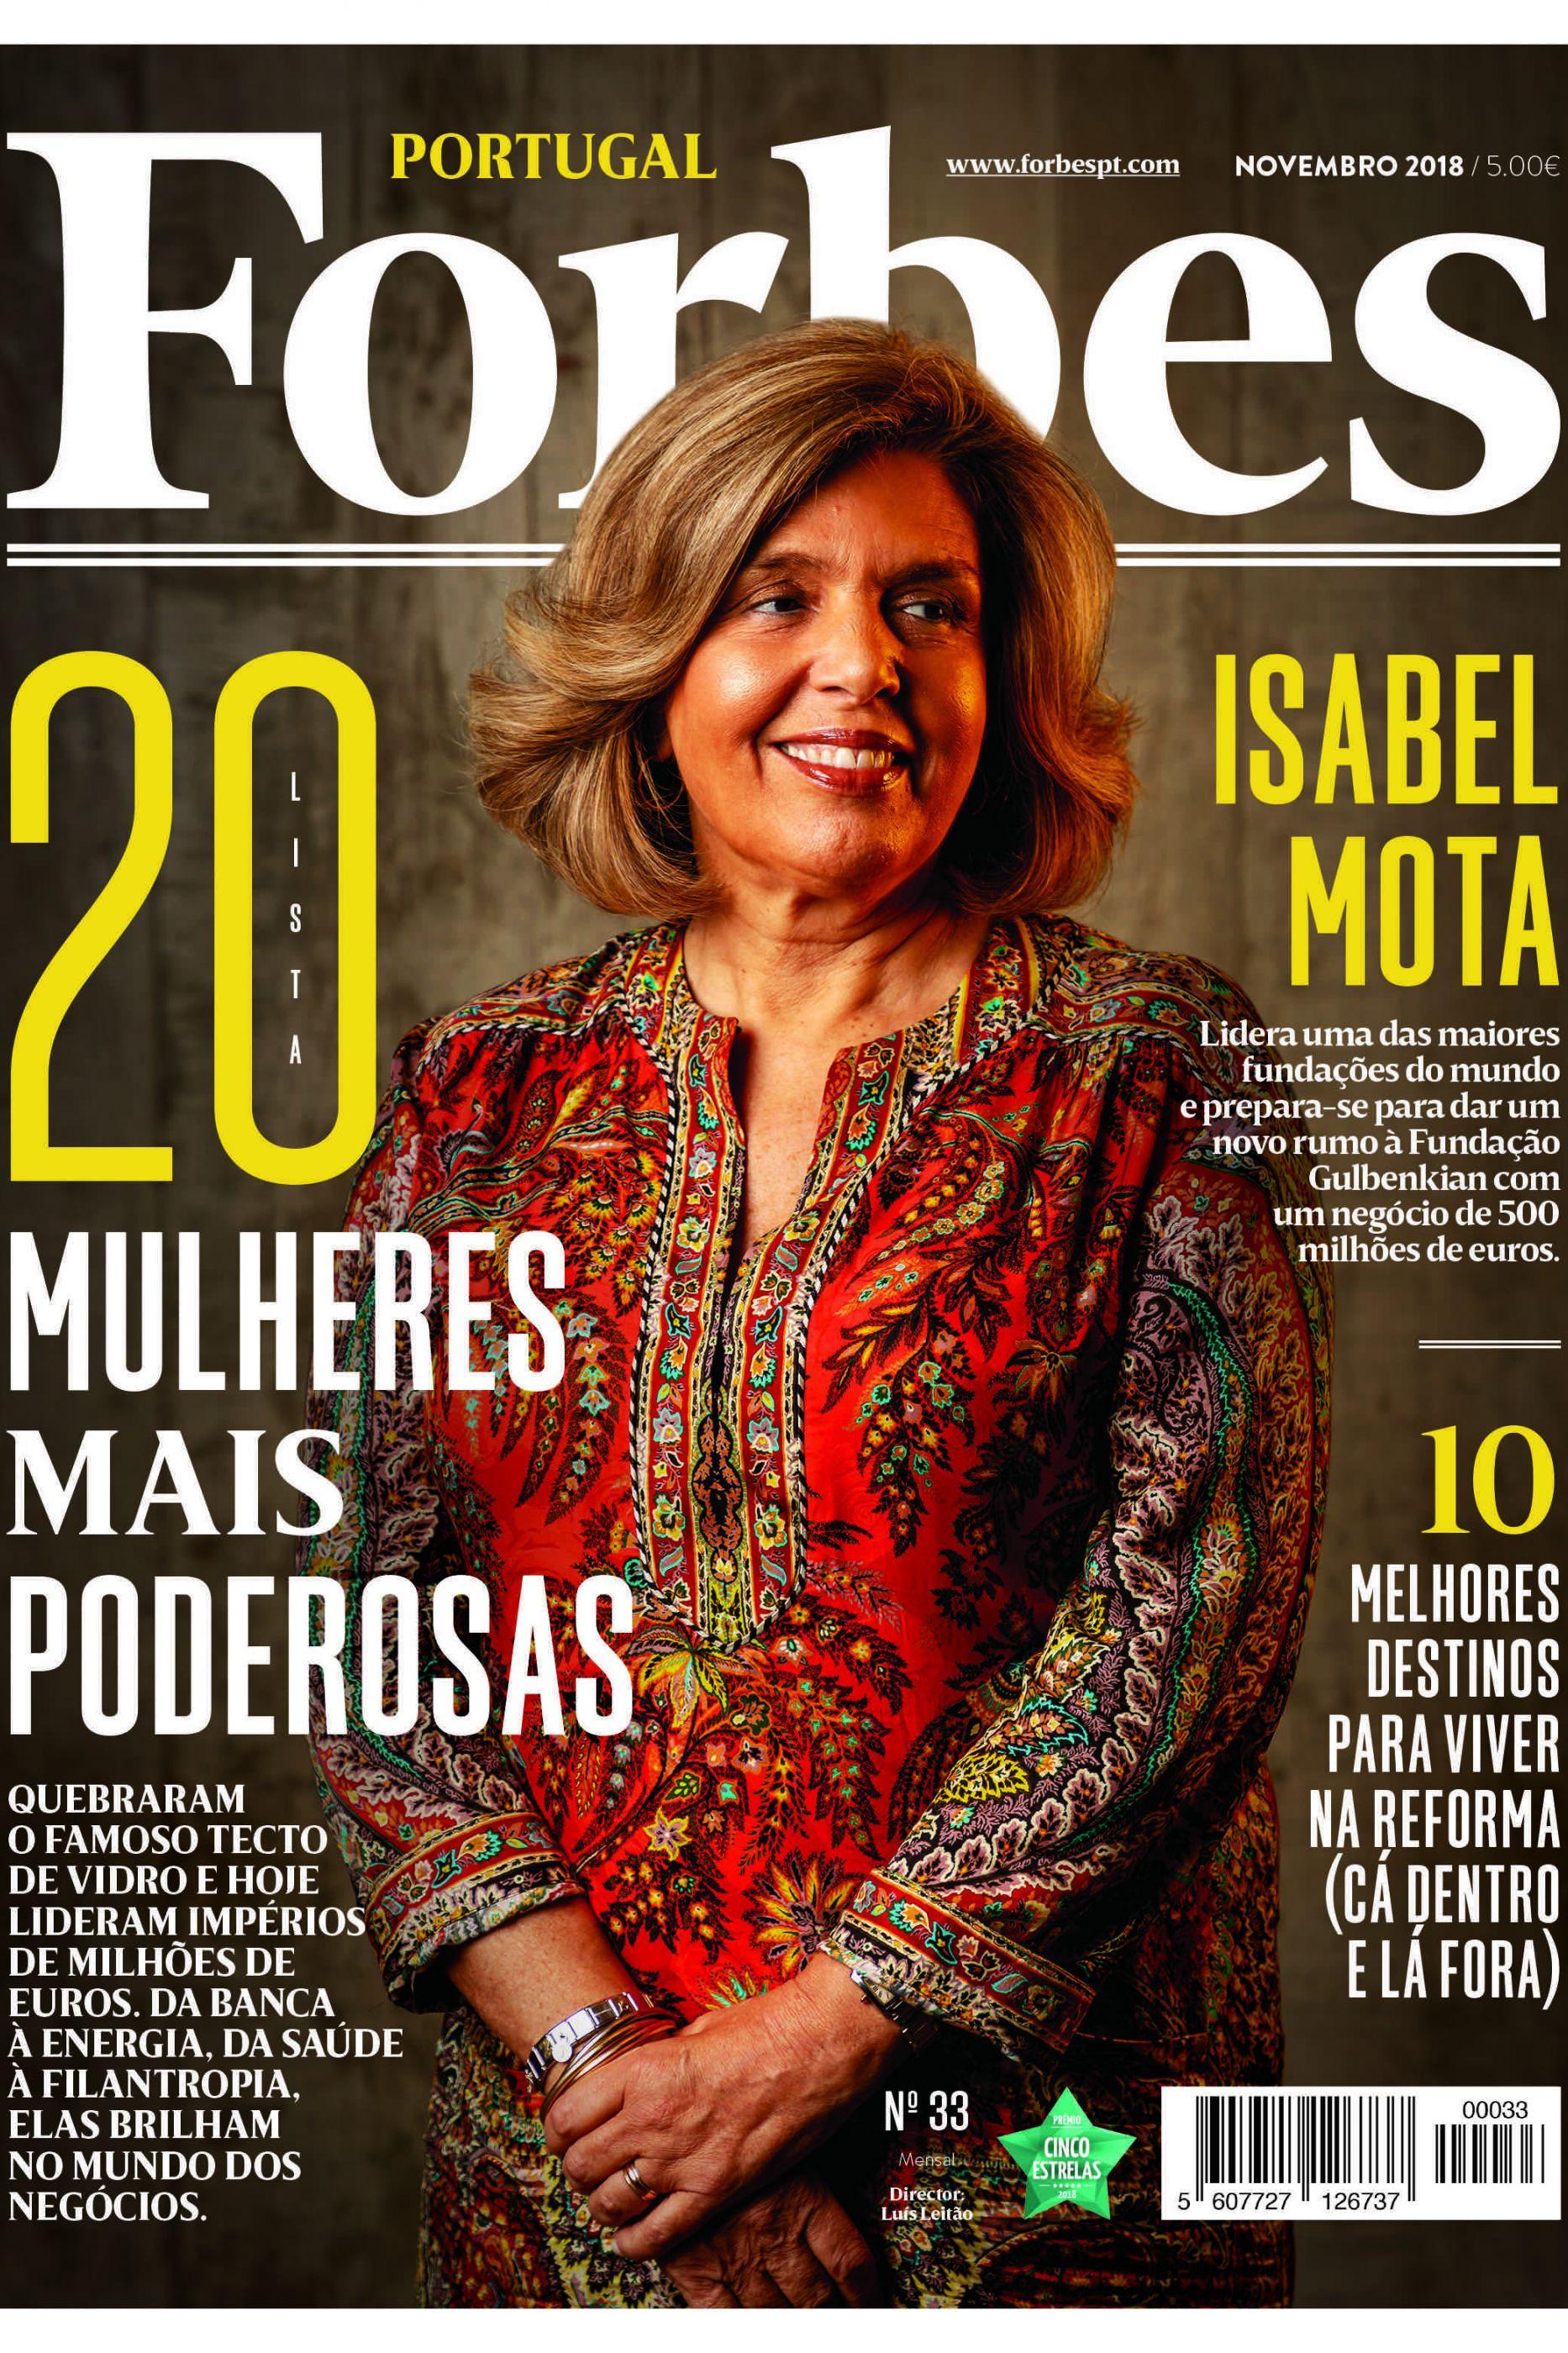 E as mulheres portuguesas mais poderosas no mundo dos negócios são...